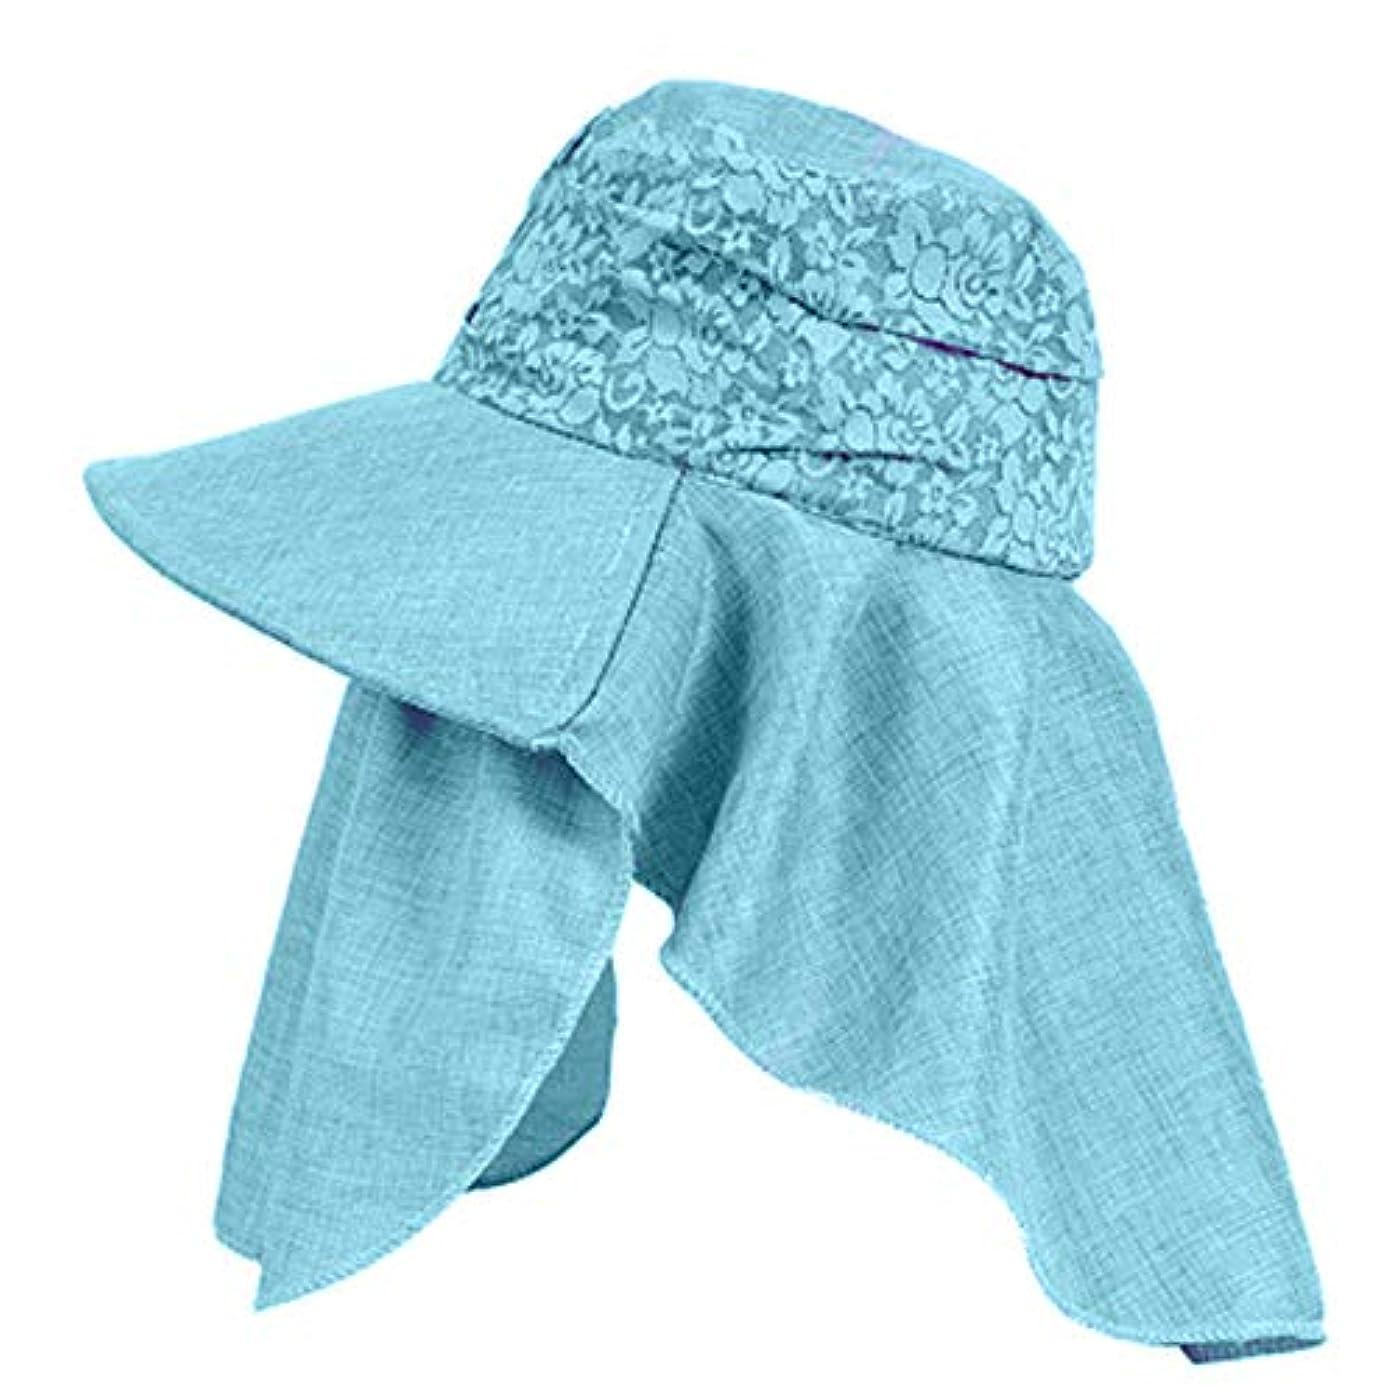 シリーズ靴下うなずくMerssavo 女性の夏の日曜日の帽子、バイザーカバーの表面の反紫色のライン旅行日曜日の帽子、ガーデニング、ハイキング、旅行、1#